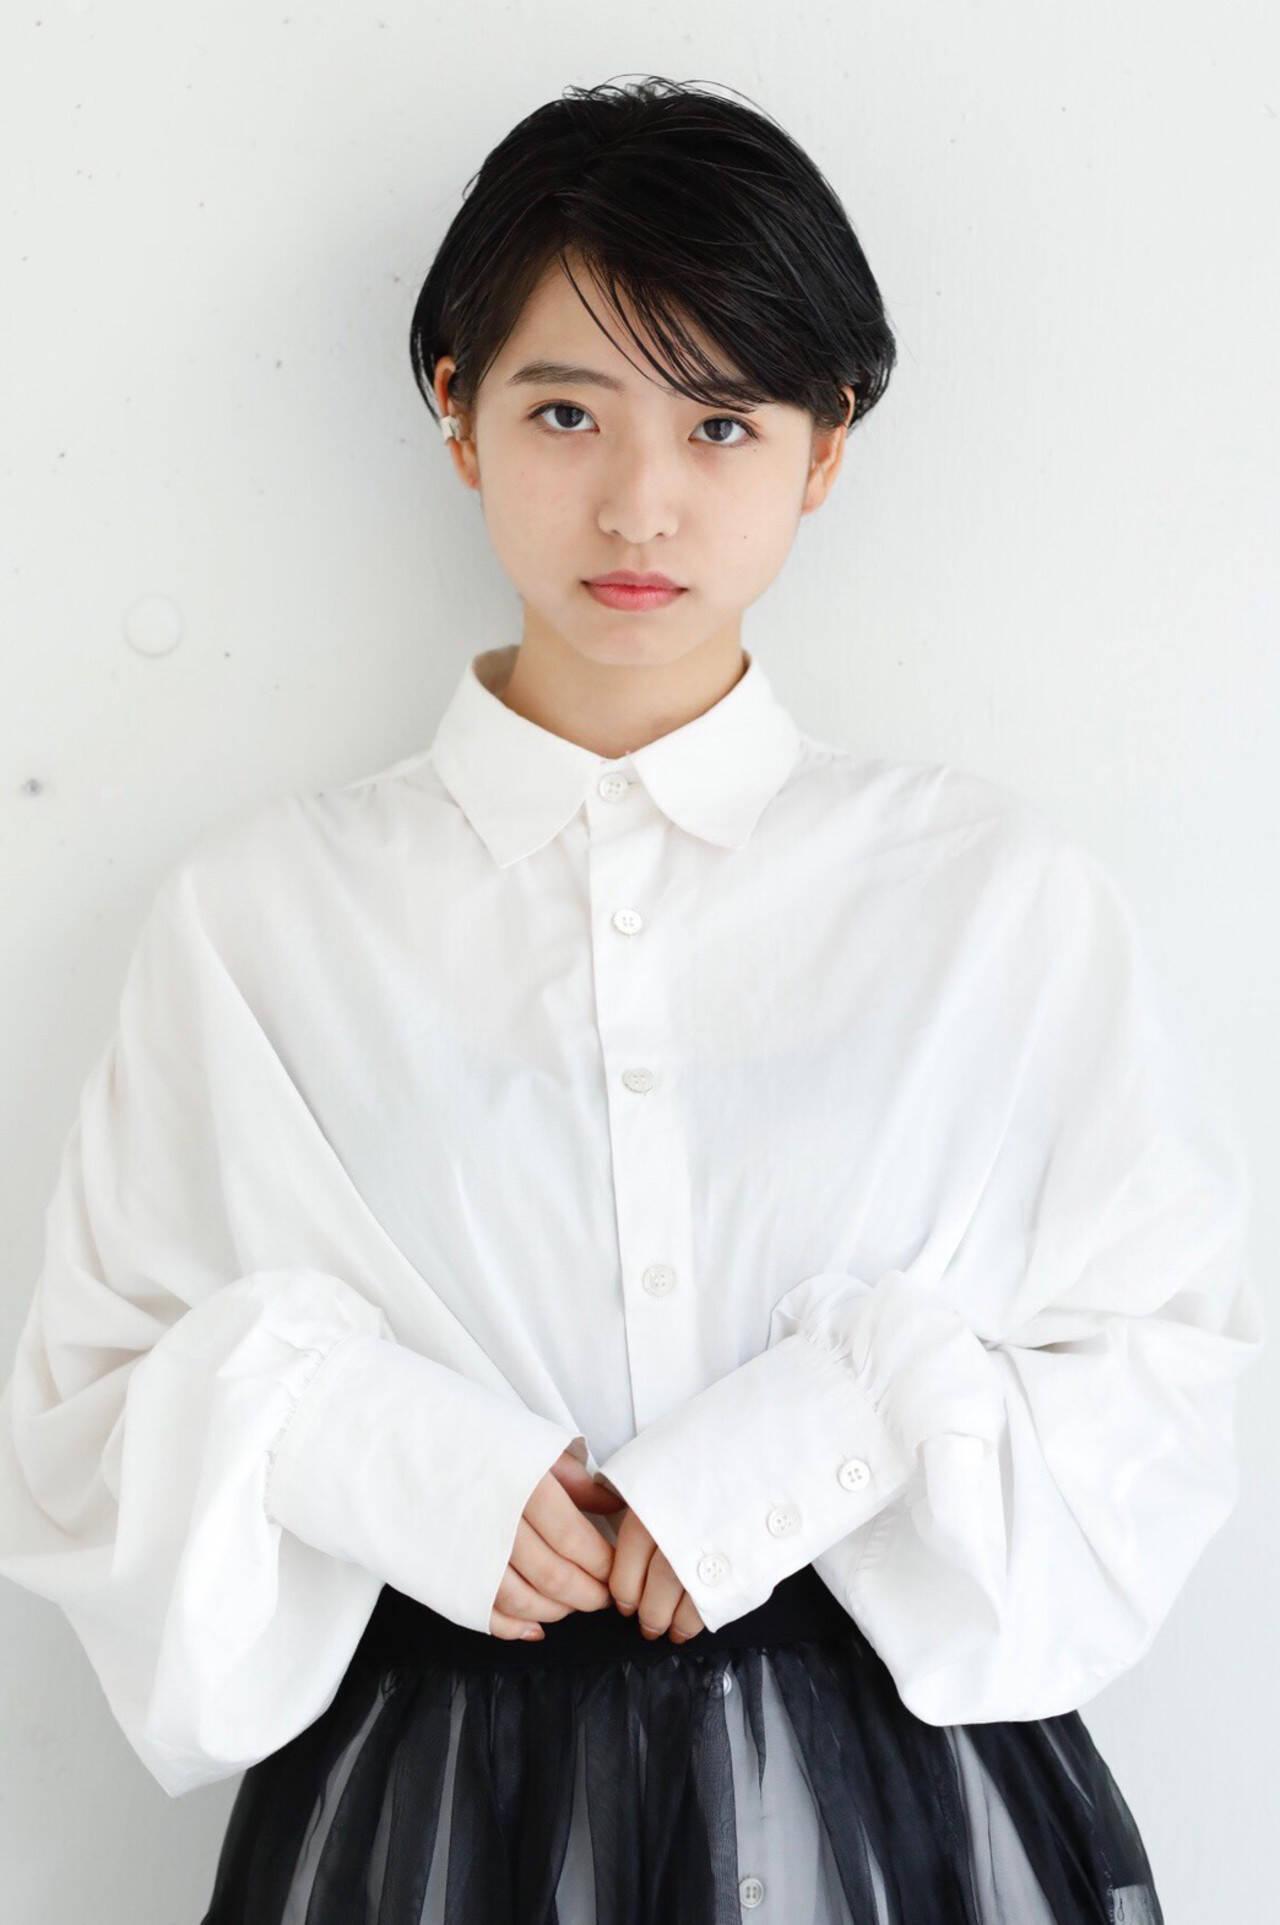 黒髪 ショート パーマ モードヘアスタイルや髪型の写真・画像